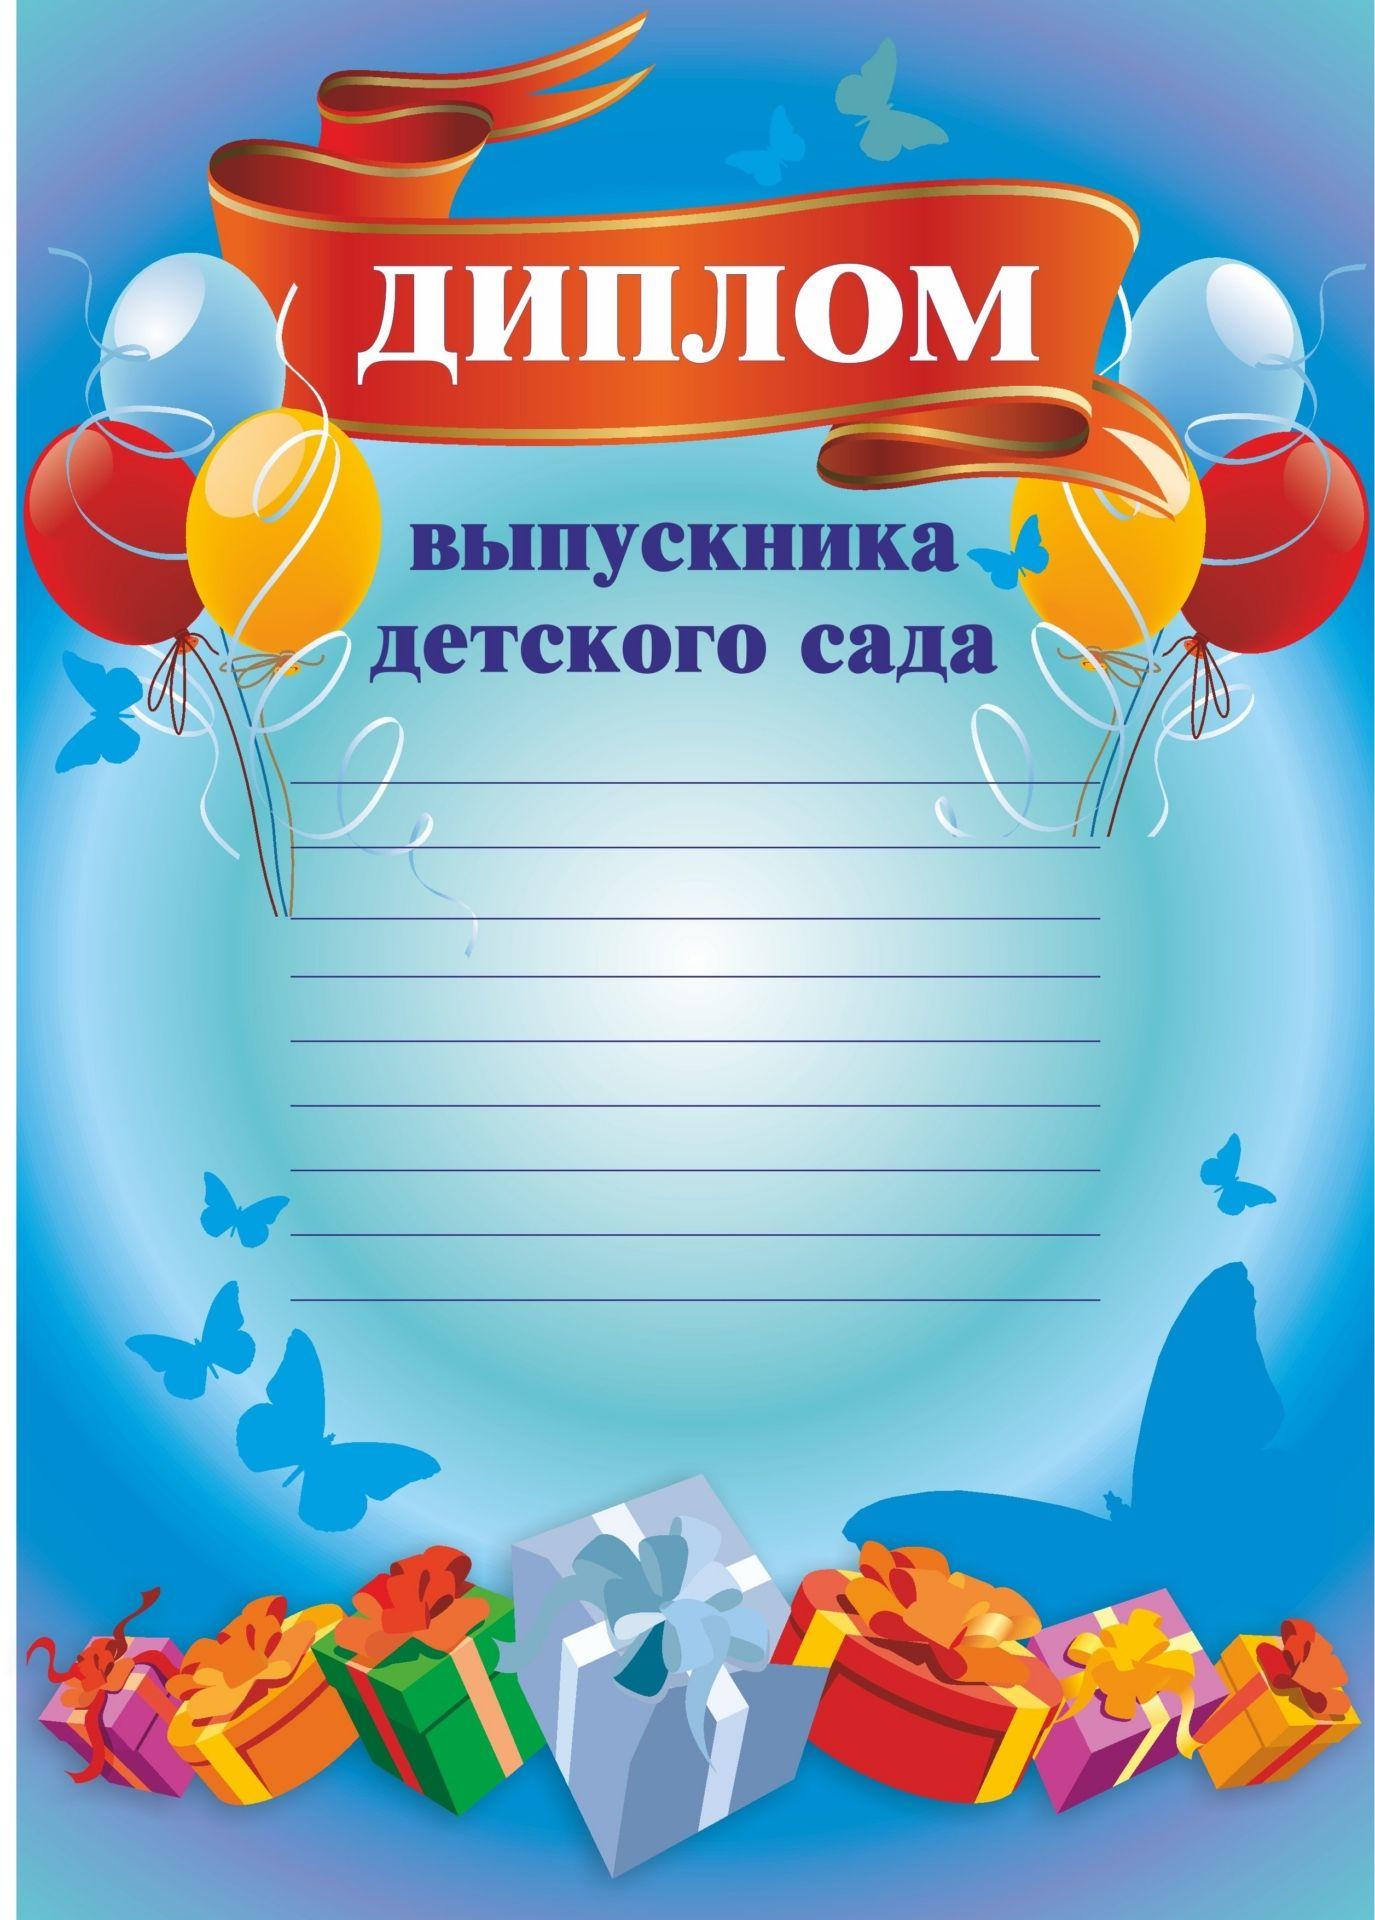 Диплом выпускника детского сада (шары, с разлиновкой)